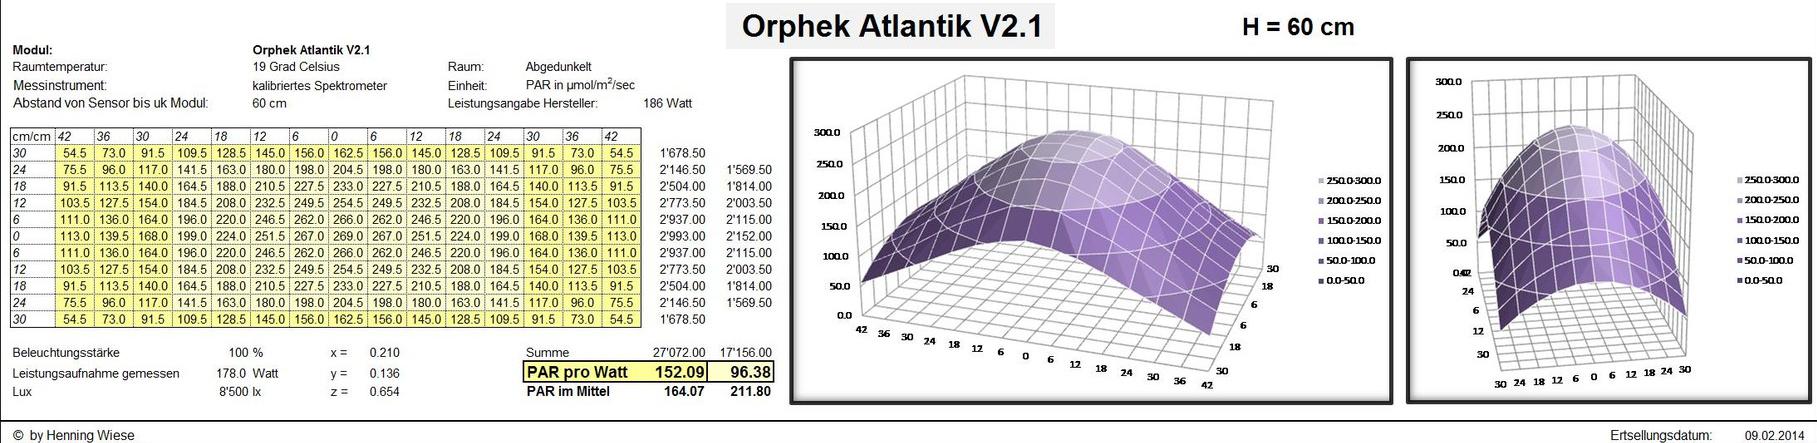 Orphek-Atlantik-PAR-MAP-v2-60cm.jpg